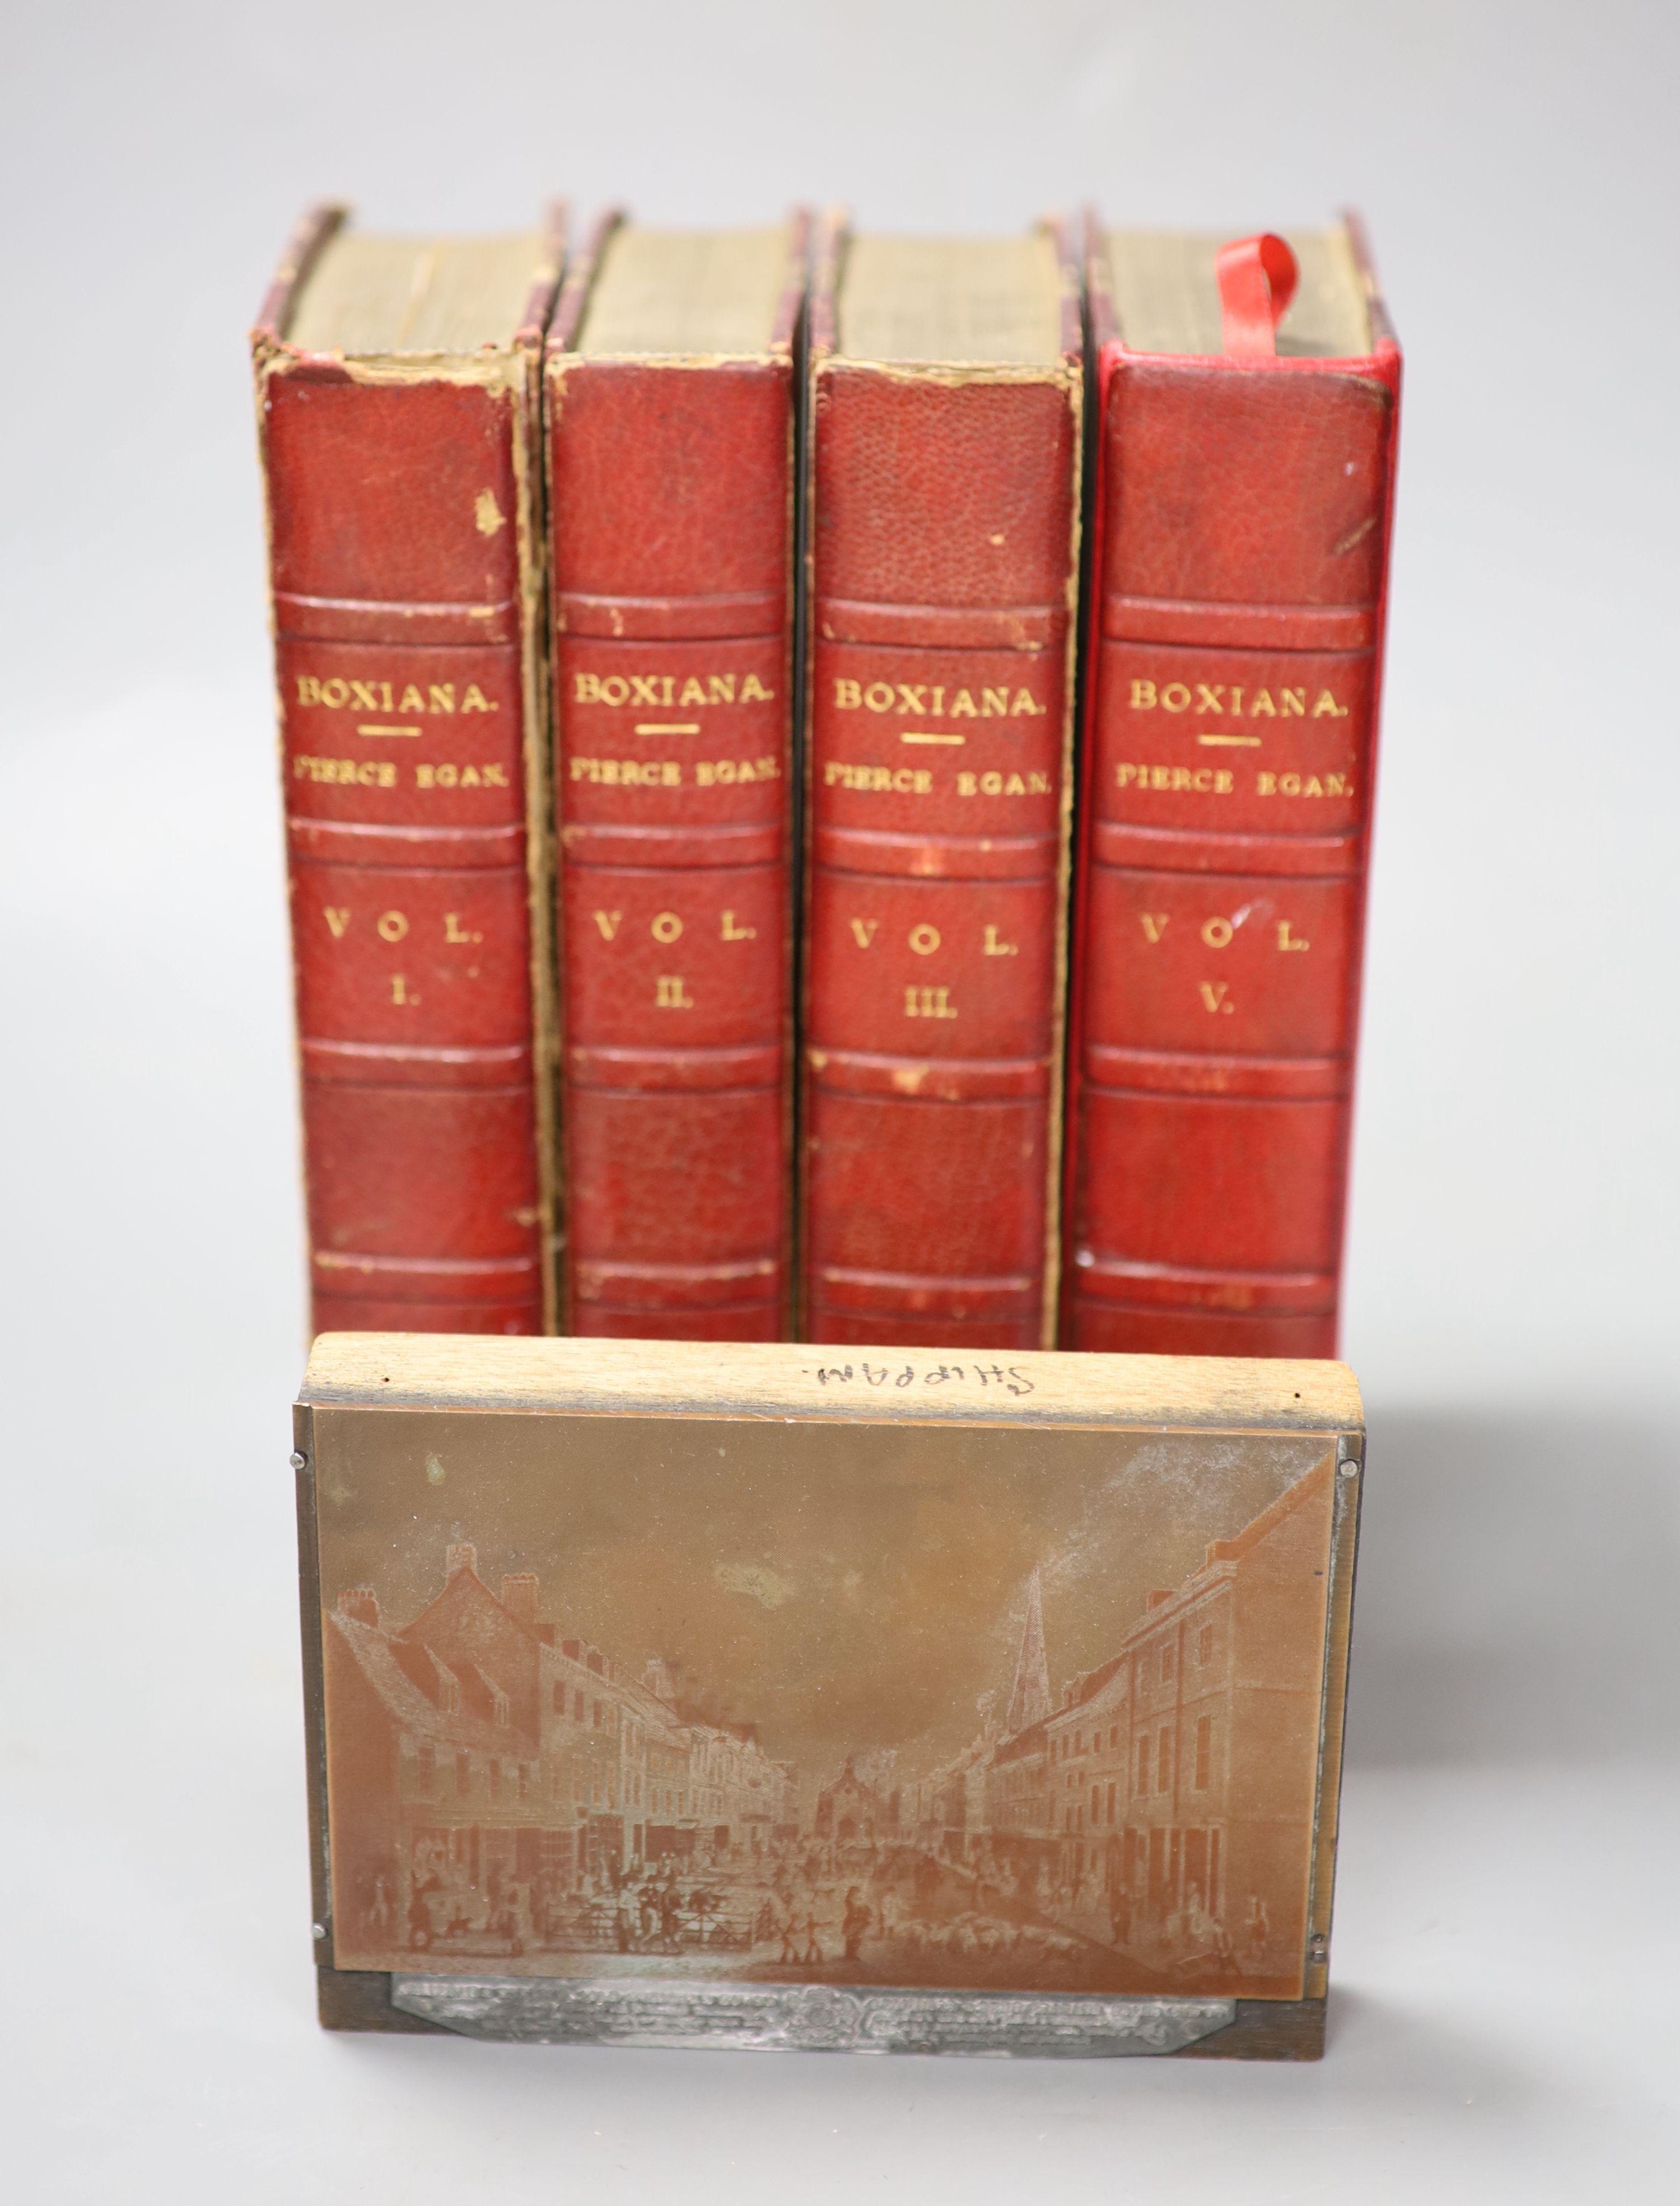 Egan, Pierce - Boxiana, 4 vols, 1818 and a book plate